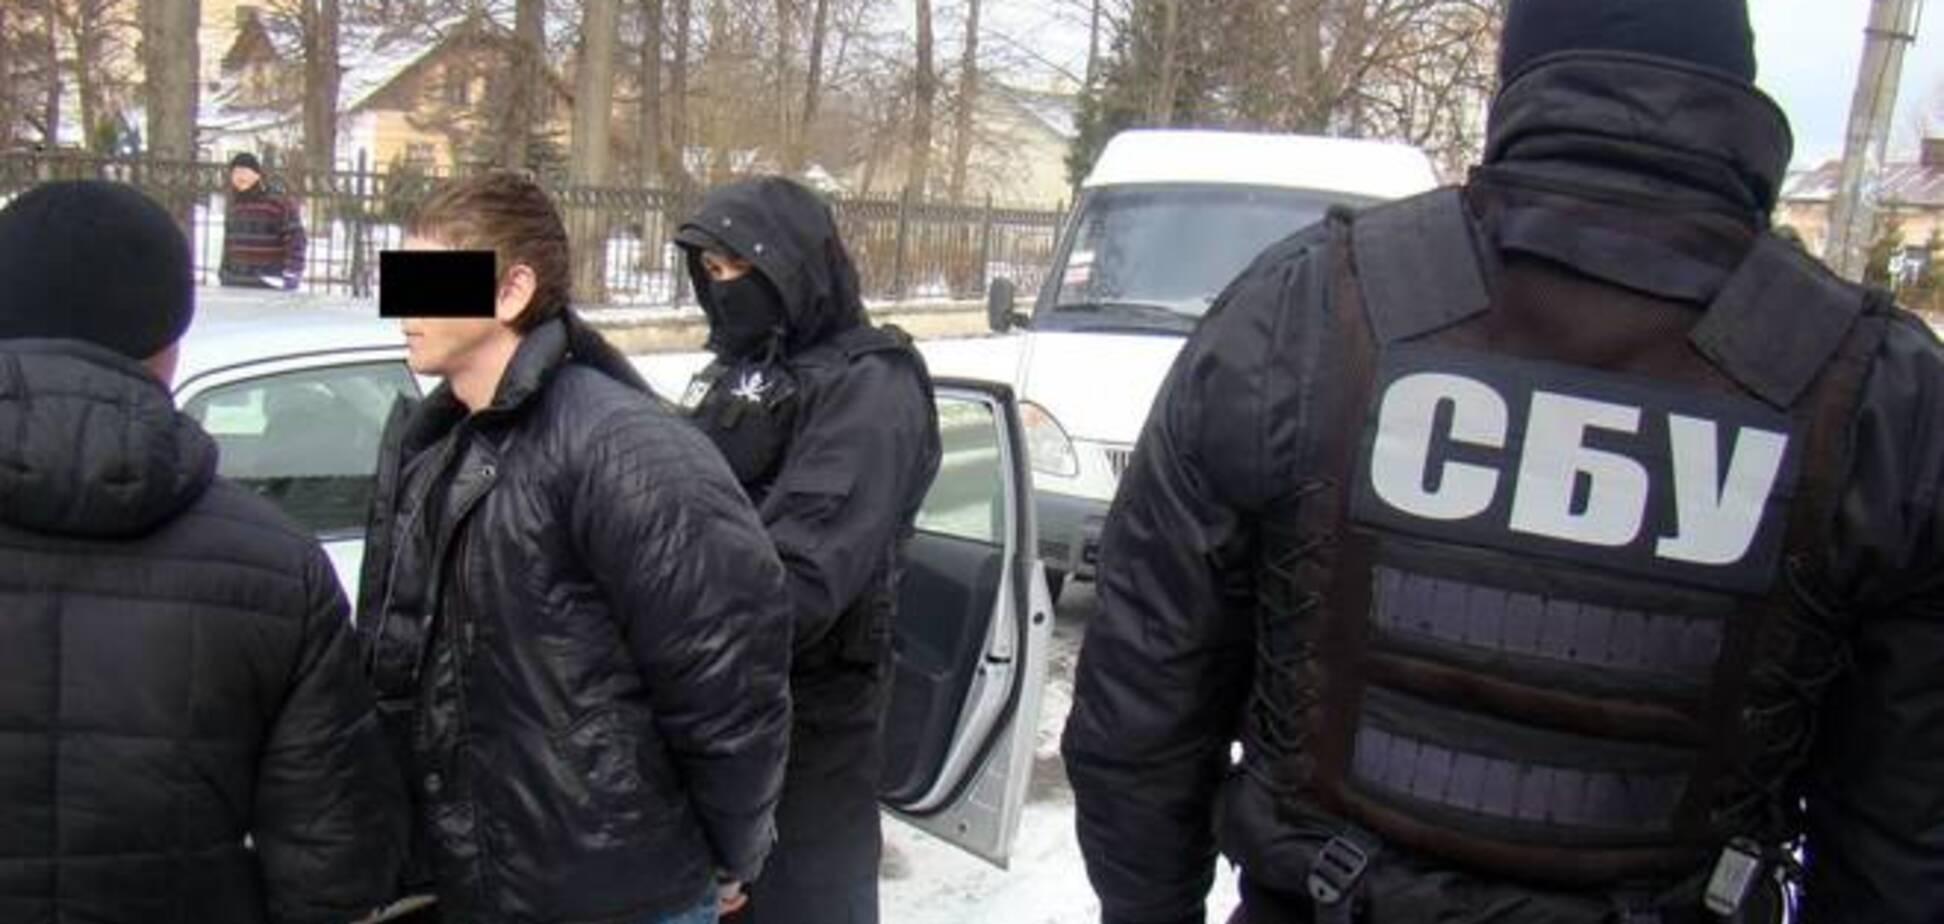 Задержан житель Северодонецка, который в Интернете призывал к терактам